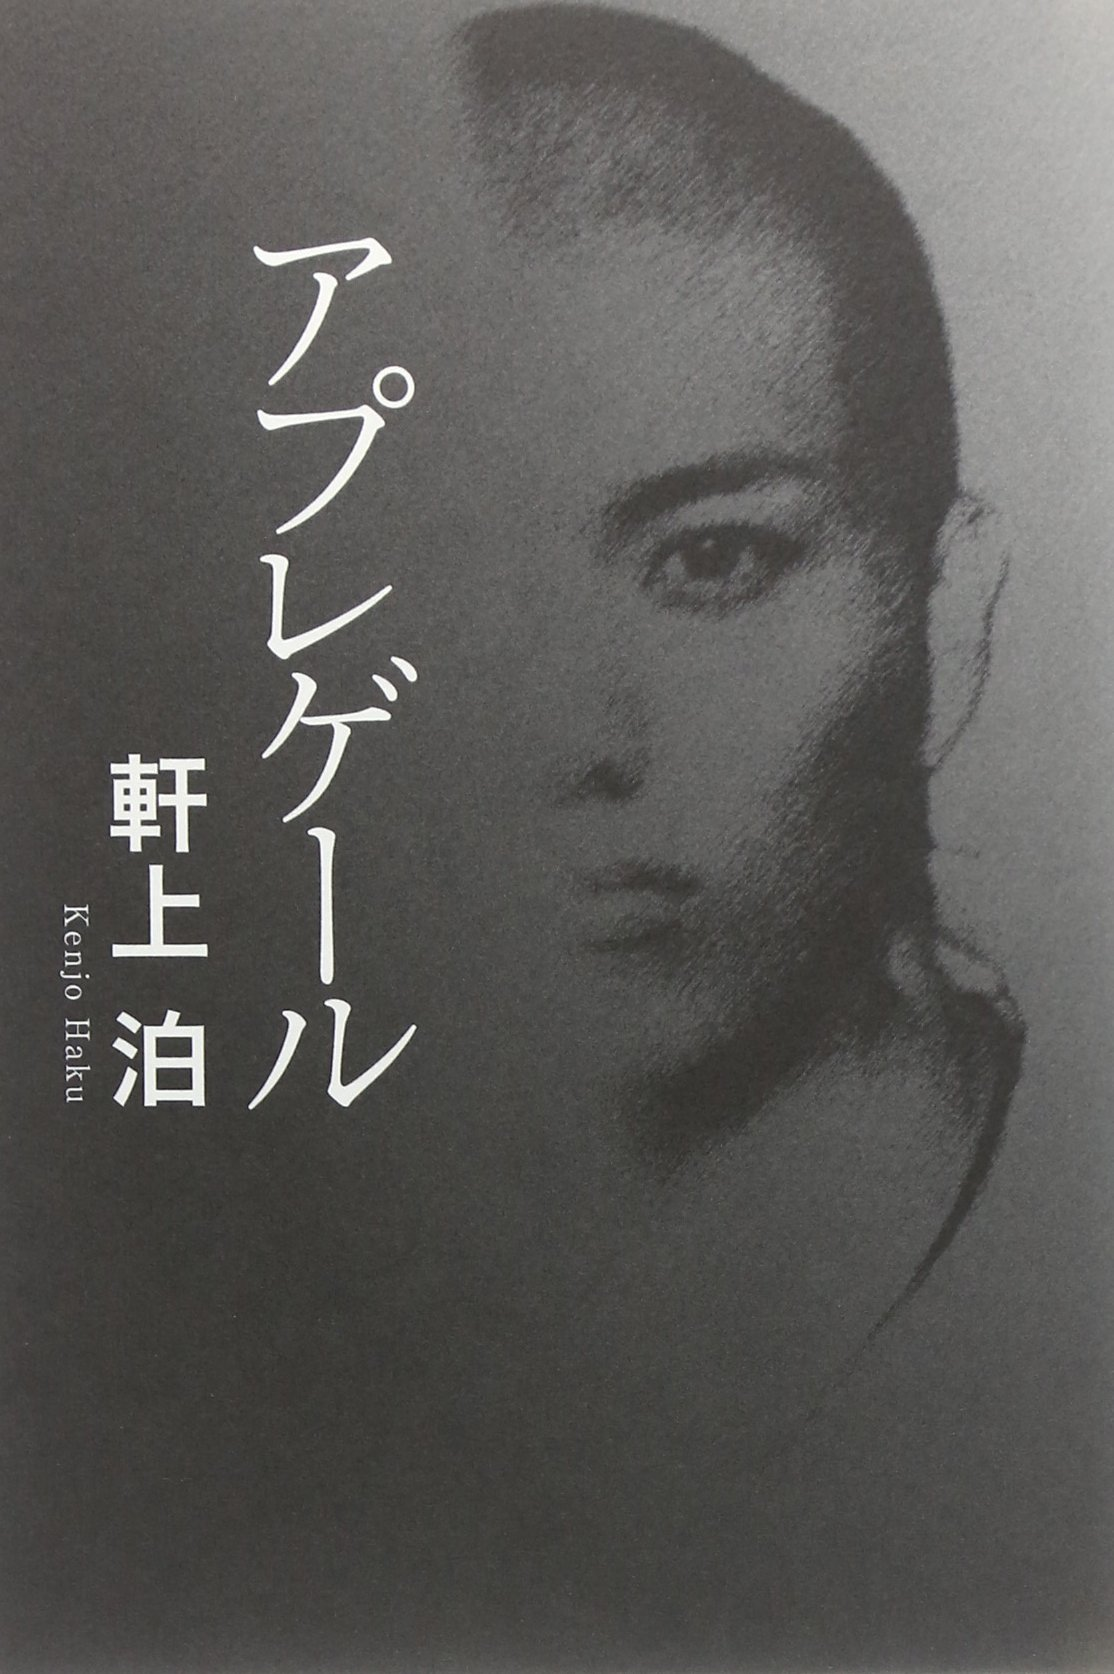 アプレゲール (novella*1200) | 軒上 泊 |本 | 通販 | Amazon